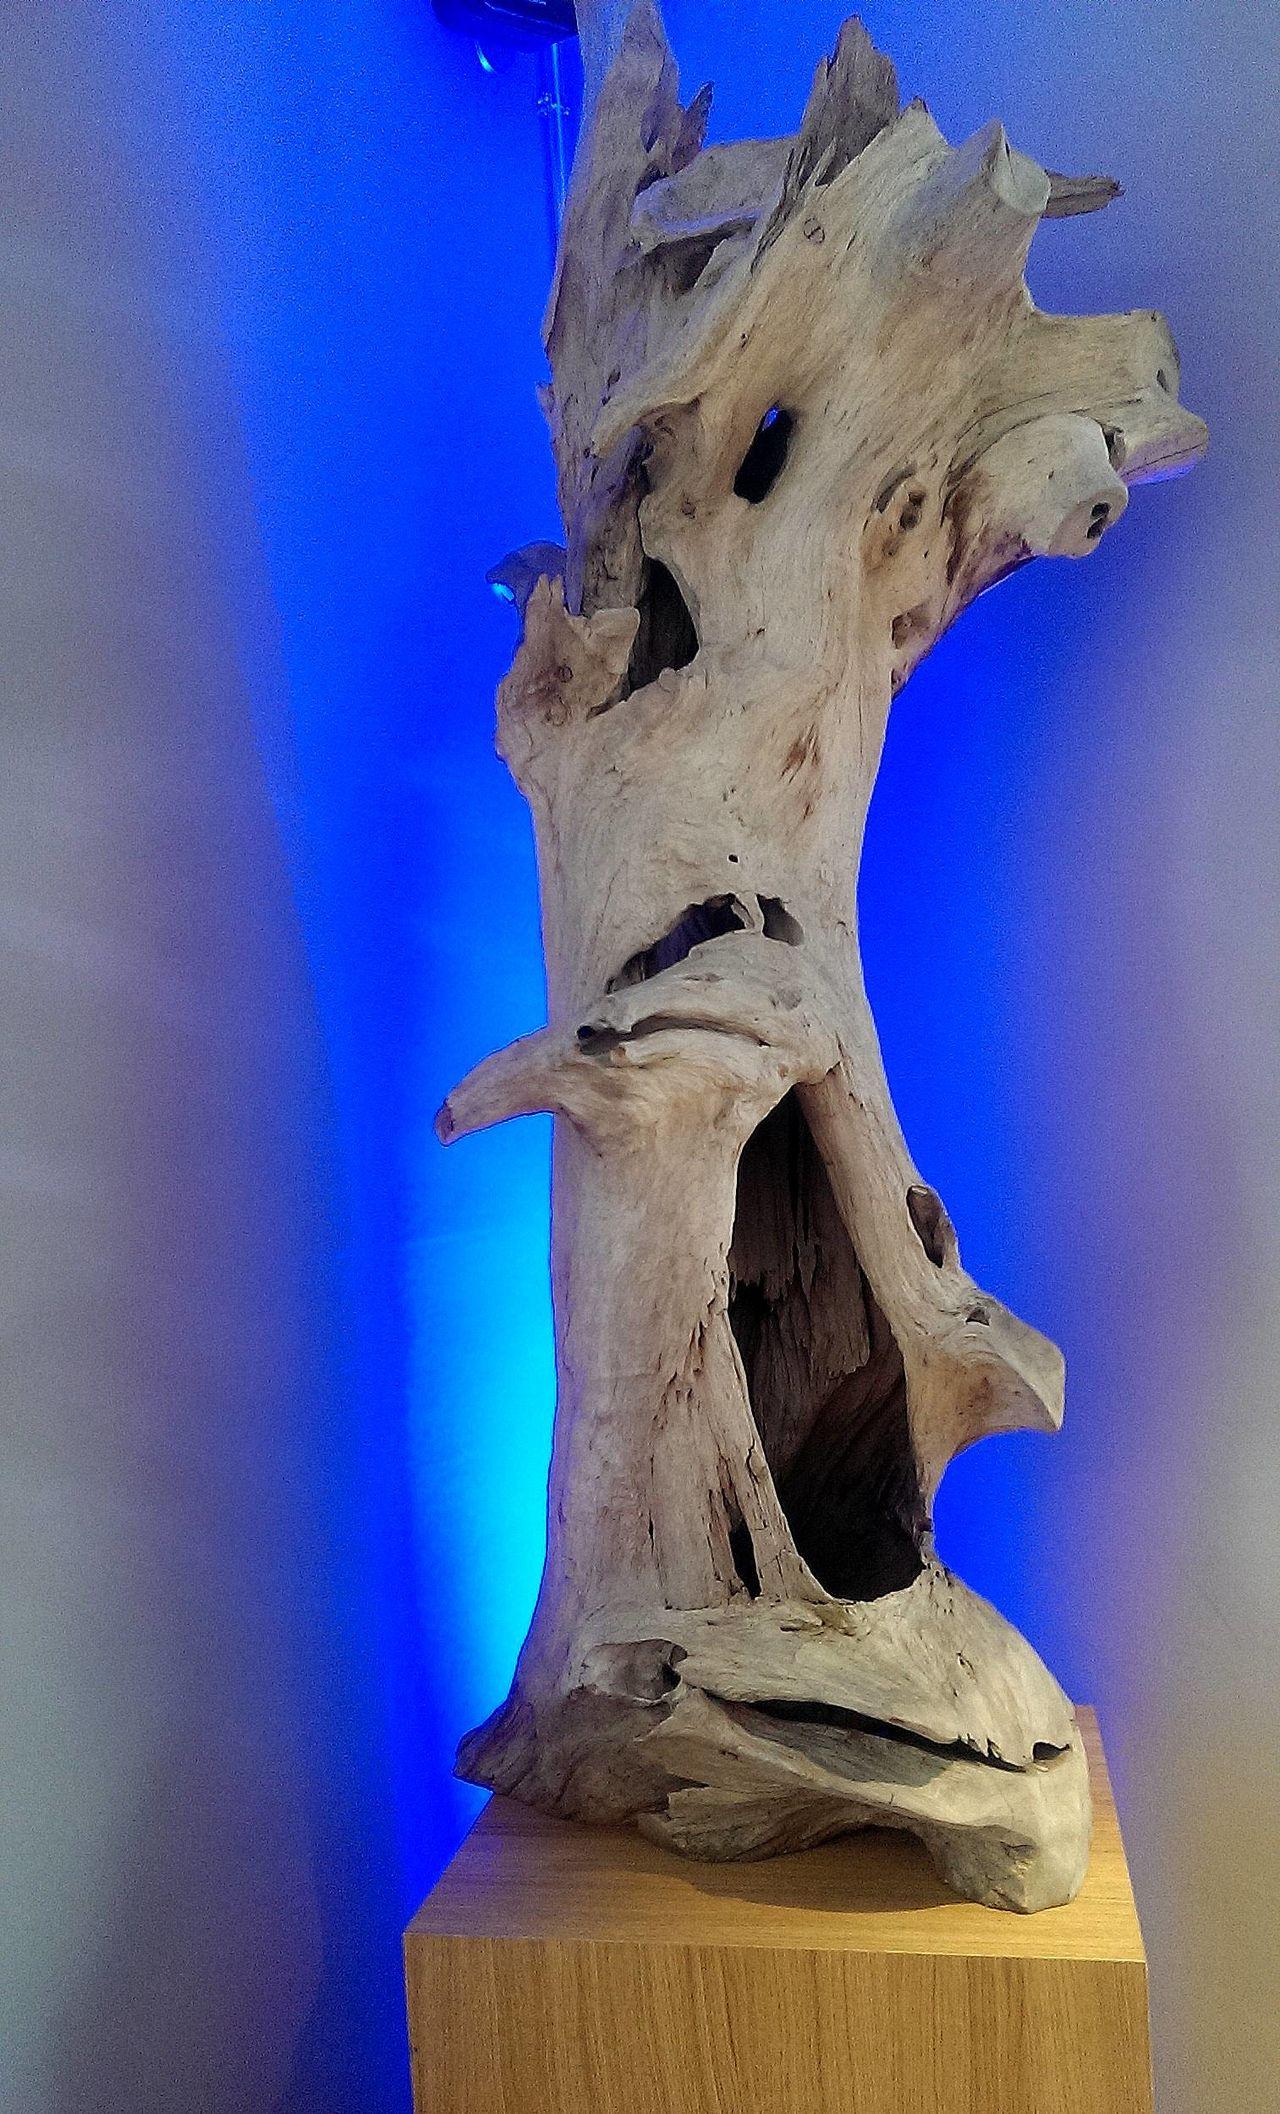 Blue Inspiration Log Podest Sculpture Sculpture Tree Tree Trunk